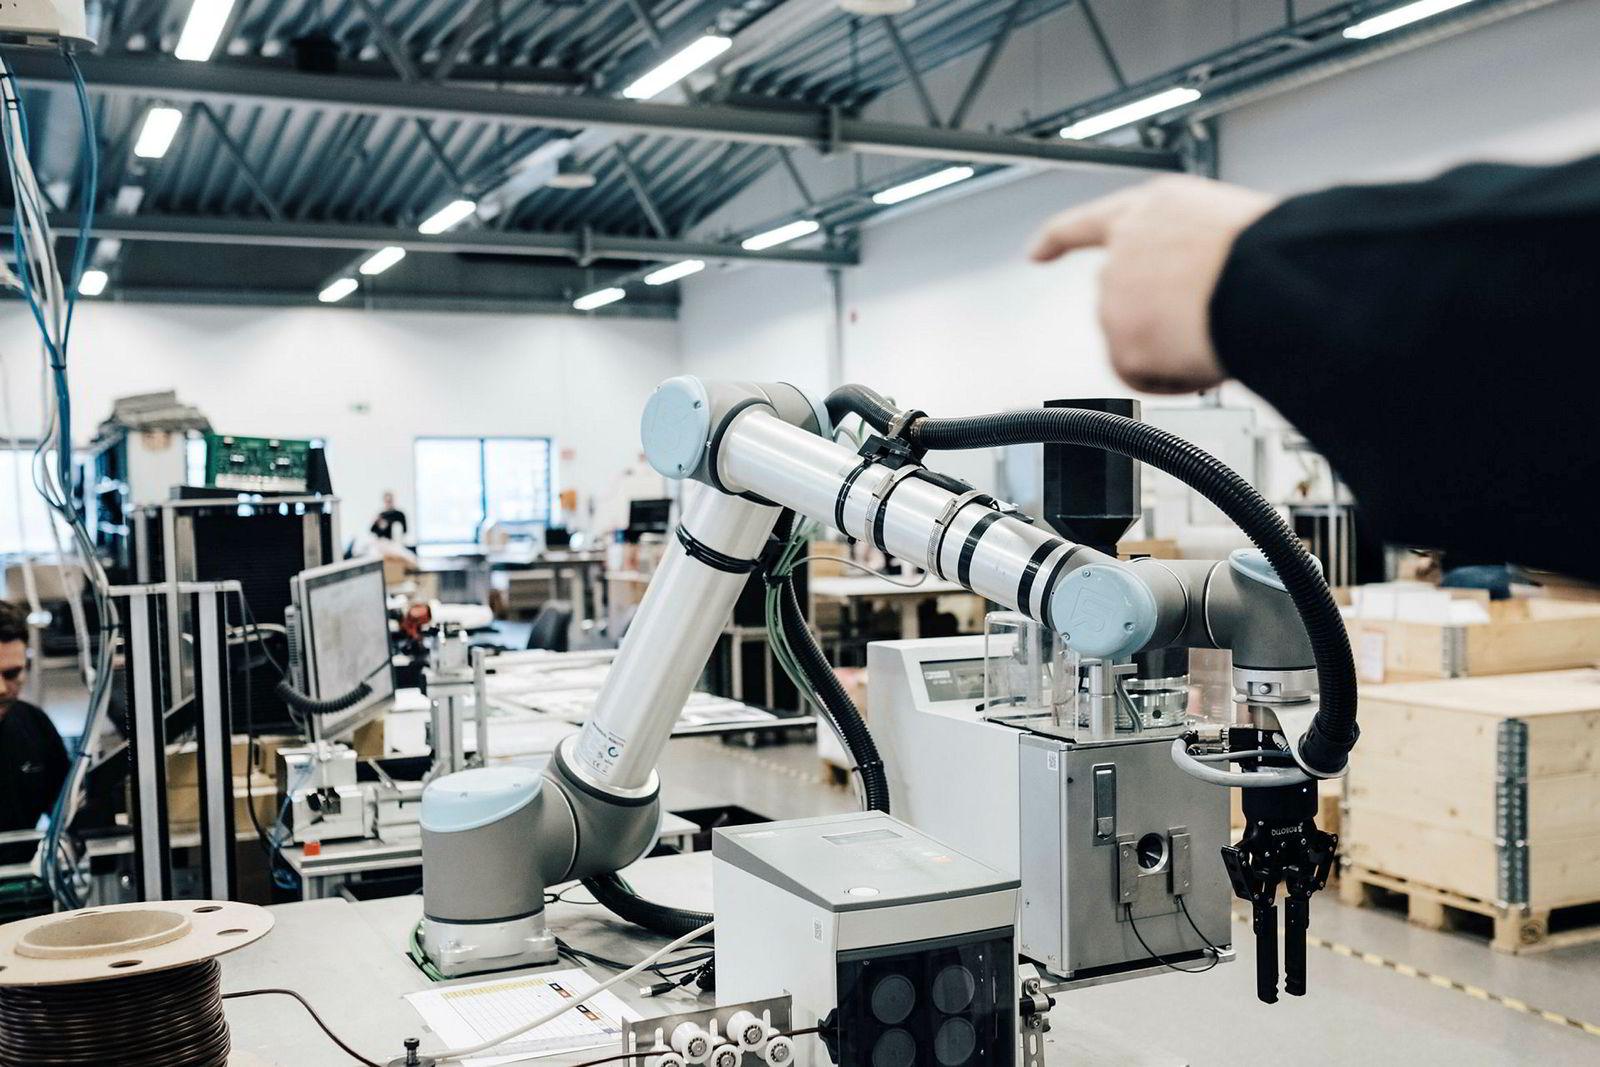 Zaptec er på bedriftsbesøk hos Westcontrol, som produserer ladere for dem. Torfinn Fiskå, produksjonsleder ved Westcontrol, viser frem en robot han overtalte styret til å kjøpe, men innrømmer at han nok må argumentere bedre for den neste roboten han eventuelt kjøper inn.